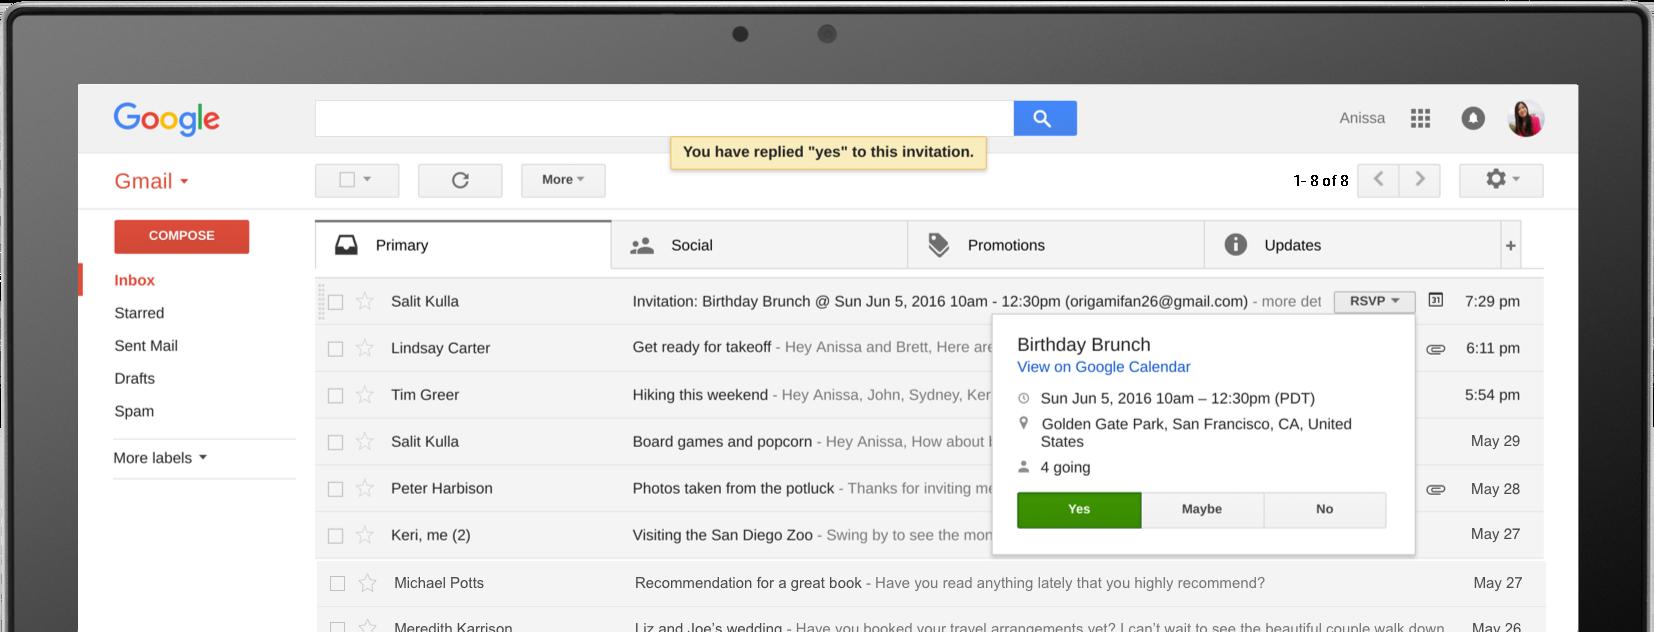 gmail è un servizio molto sicuro ma l'utente deve comunque prendere precauzioni